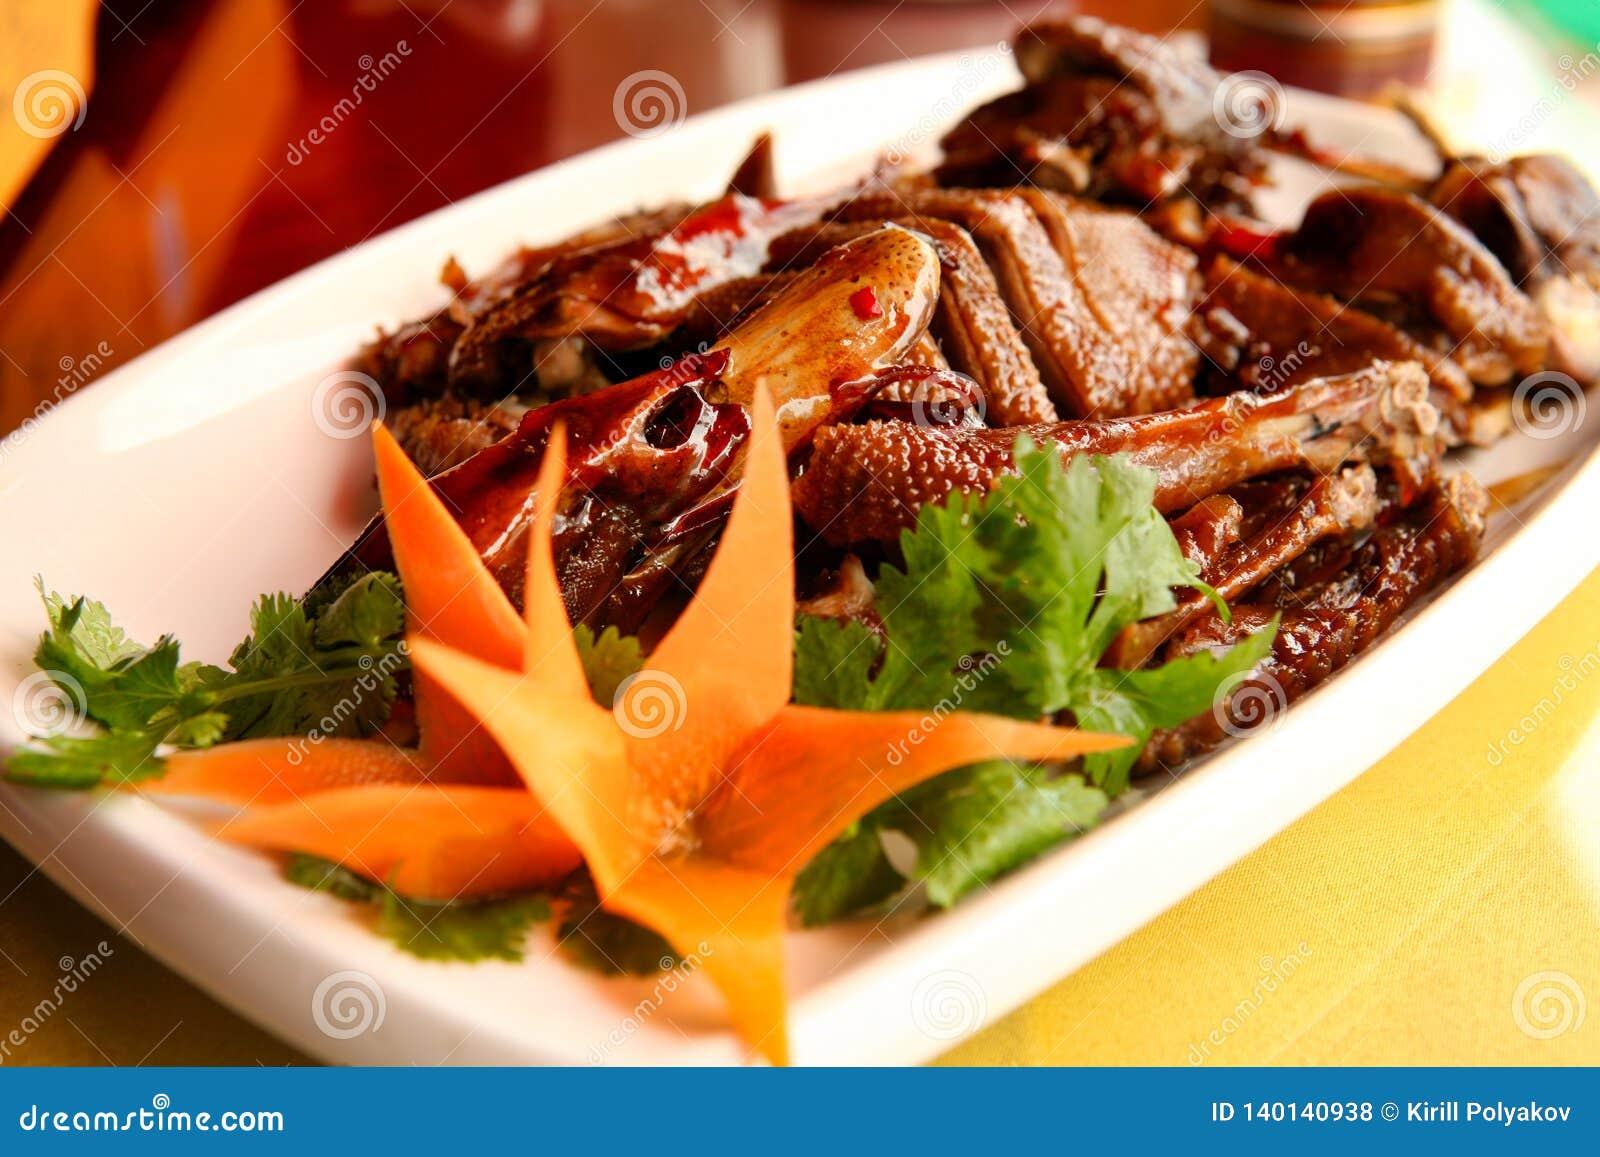 Einer der berühmtesten Teller in der chinesischen Küche ist die Peking-Ente